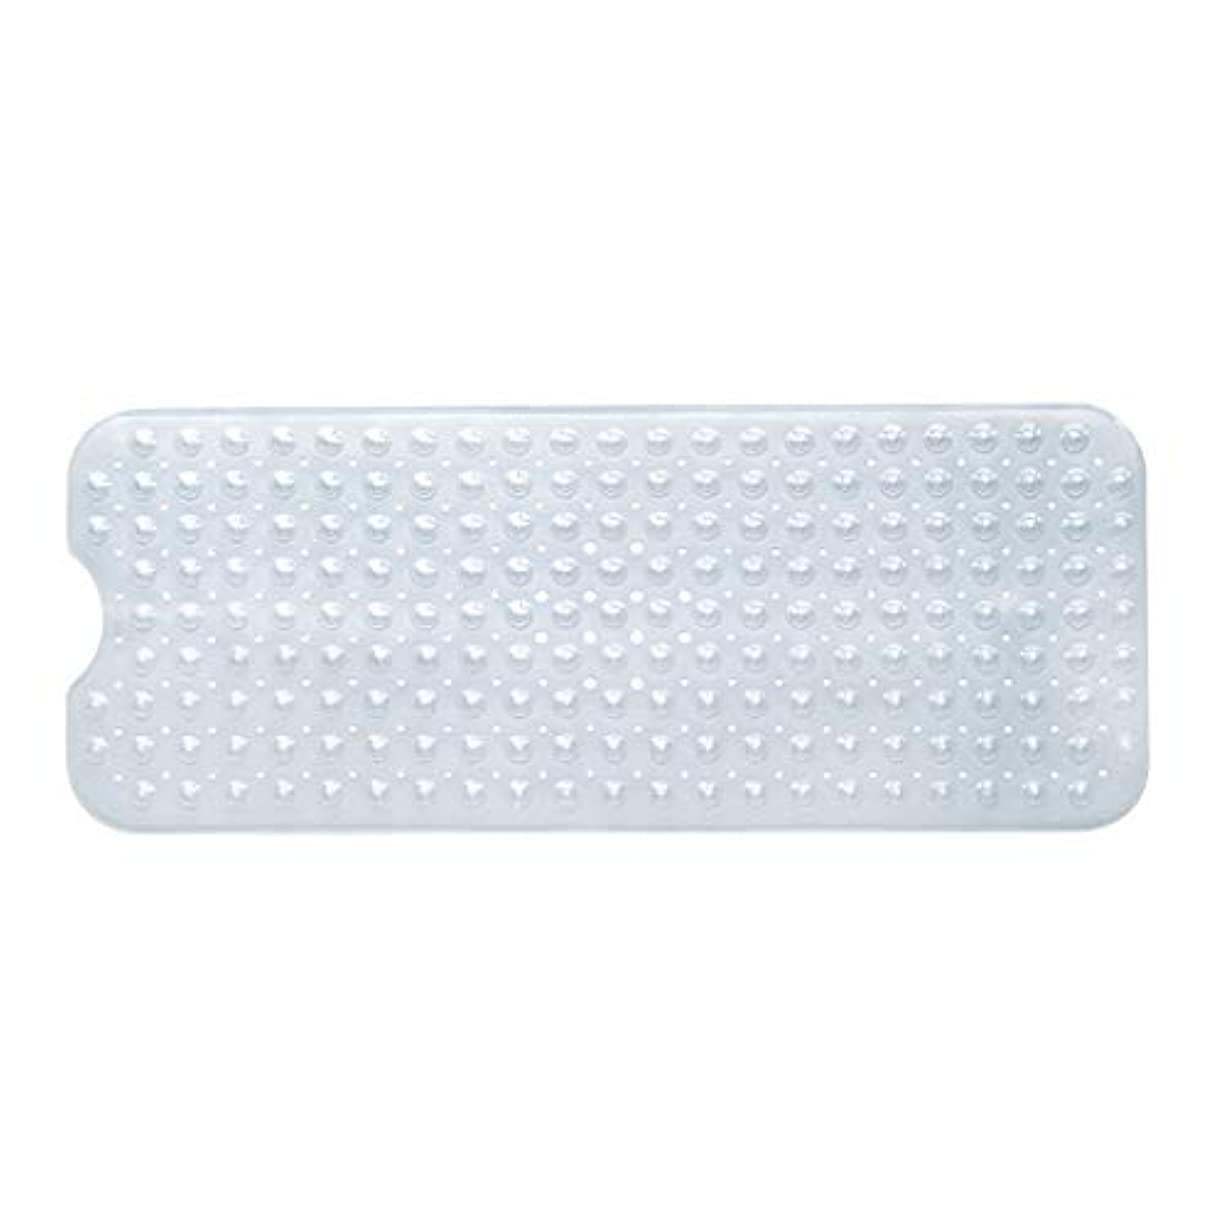 栄光策定する安心させるSwiftgood エクストラロングバスタブマットカビ抵抗性滑り止めバスマット洗濯機用浴室用洗えるPVCシャワーマット15.7